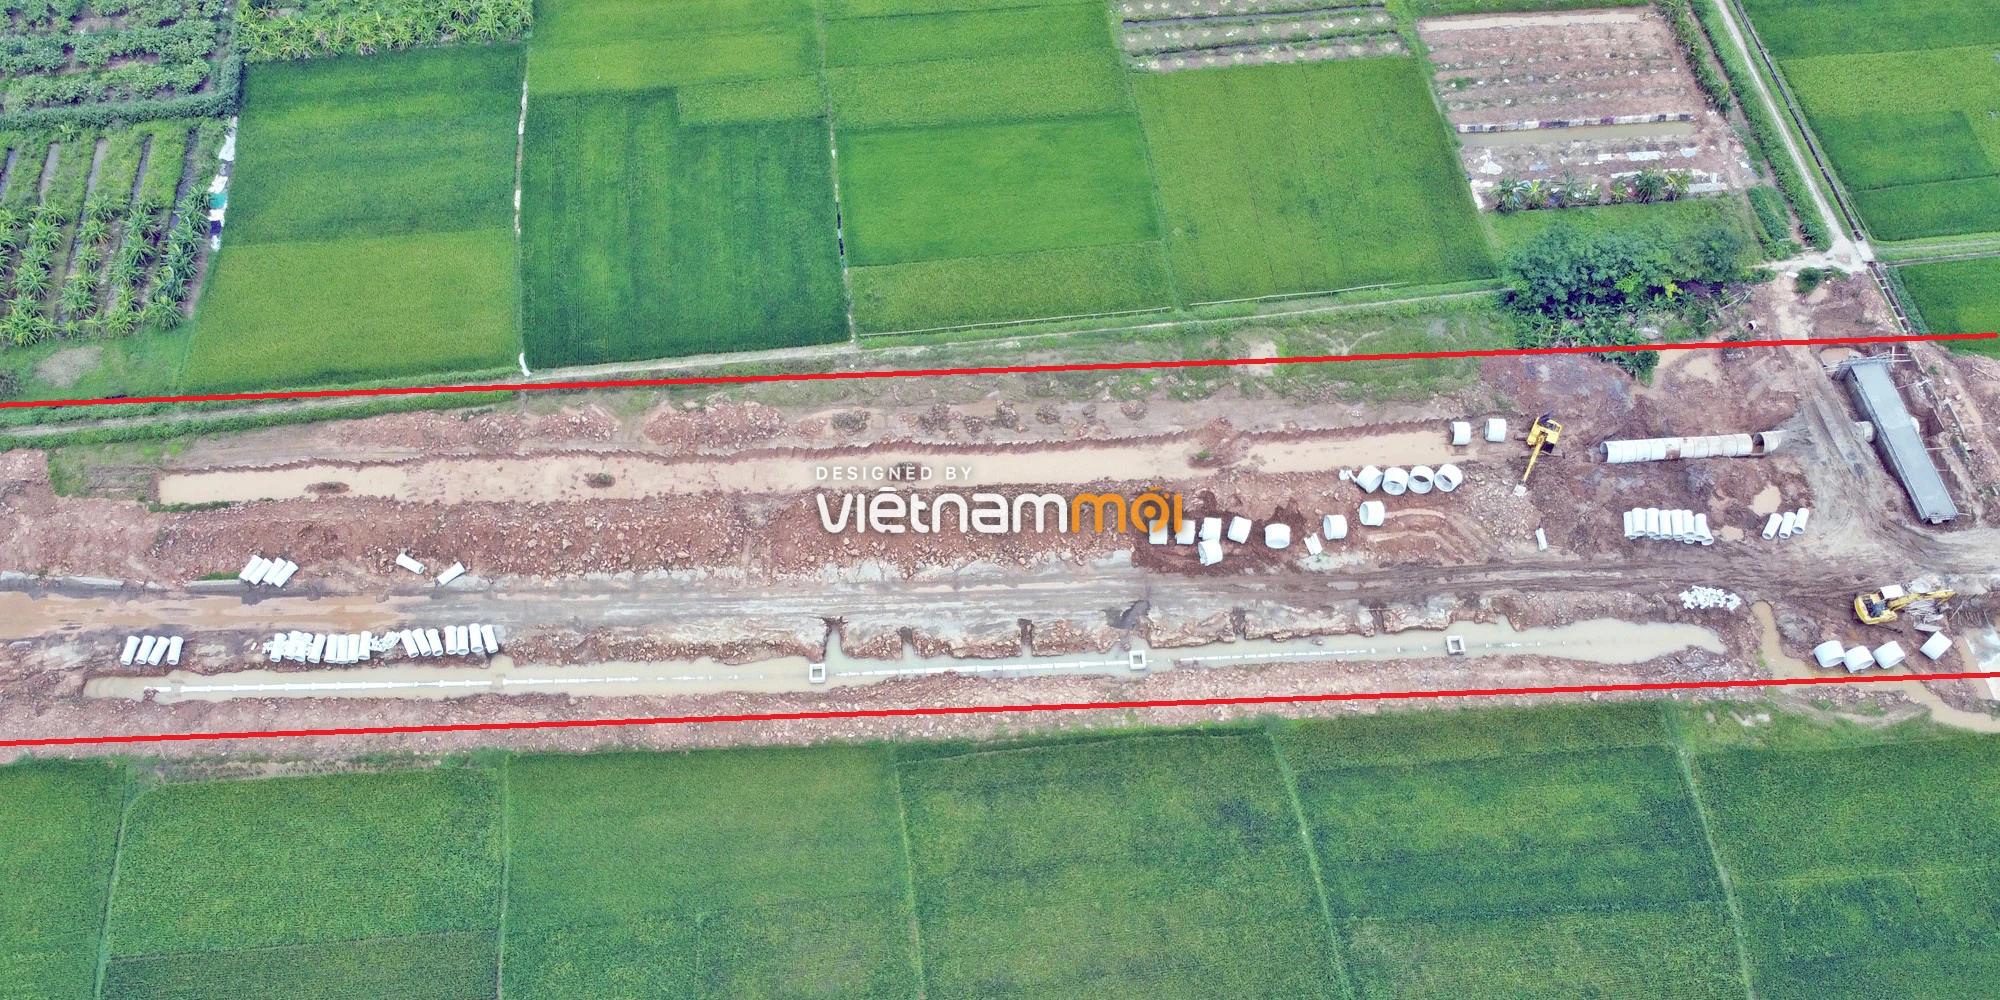 Toàn cảnh đường Liên khu vực 1 từ Đức Thượng đến Song Phương đang mở theo quy hoạch ở Hà Nội - Ảnh 3.